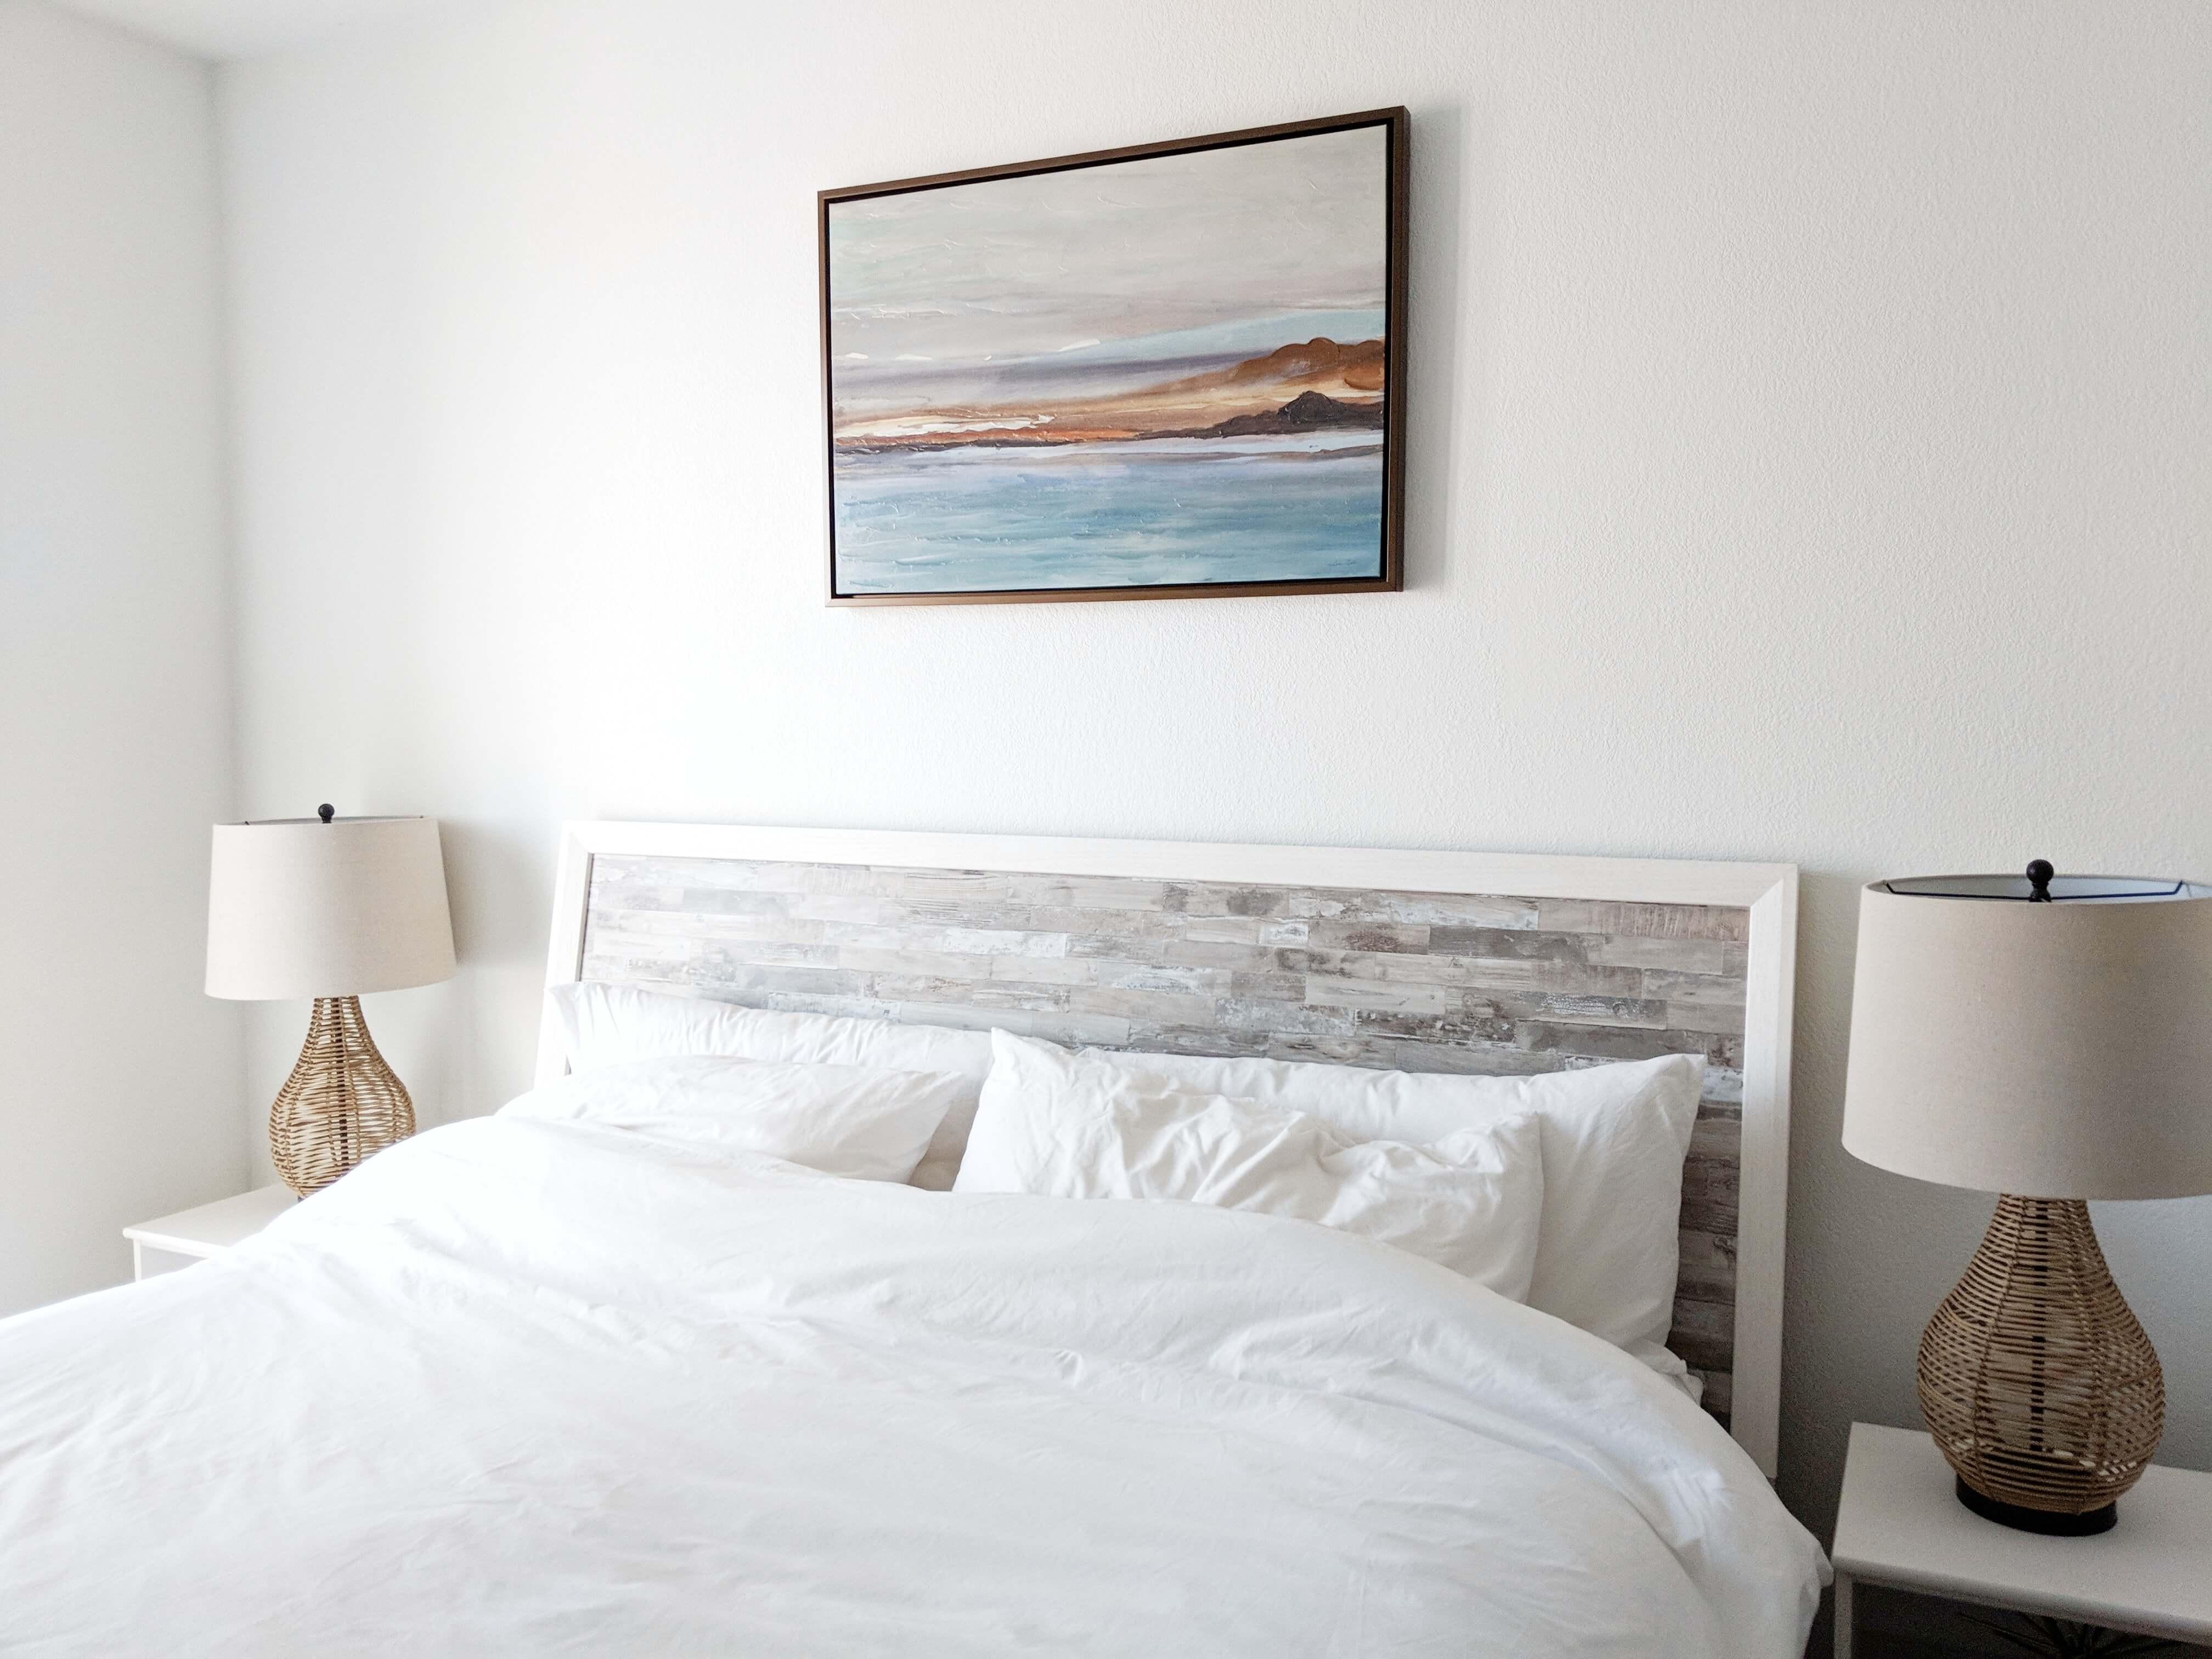 Spavanje na kauču sabotira vaš san! Savjeti za optimalni krevet i madrac za seniore